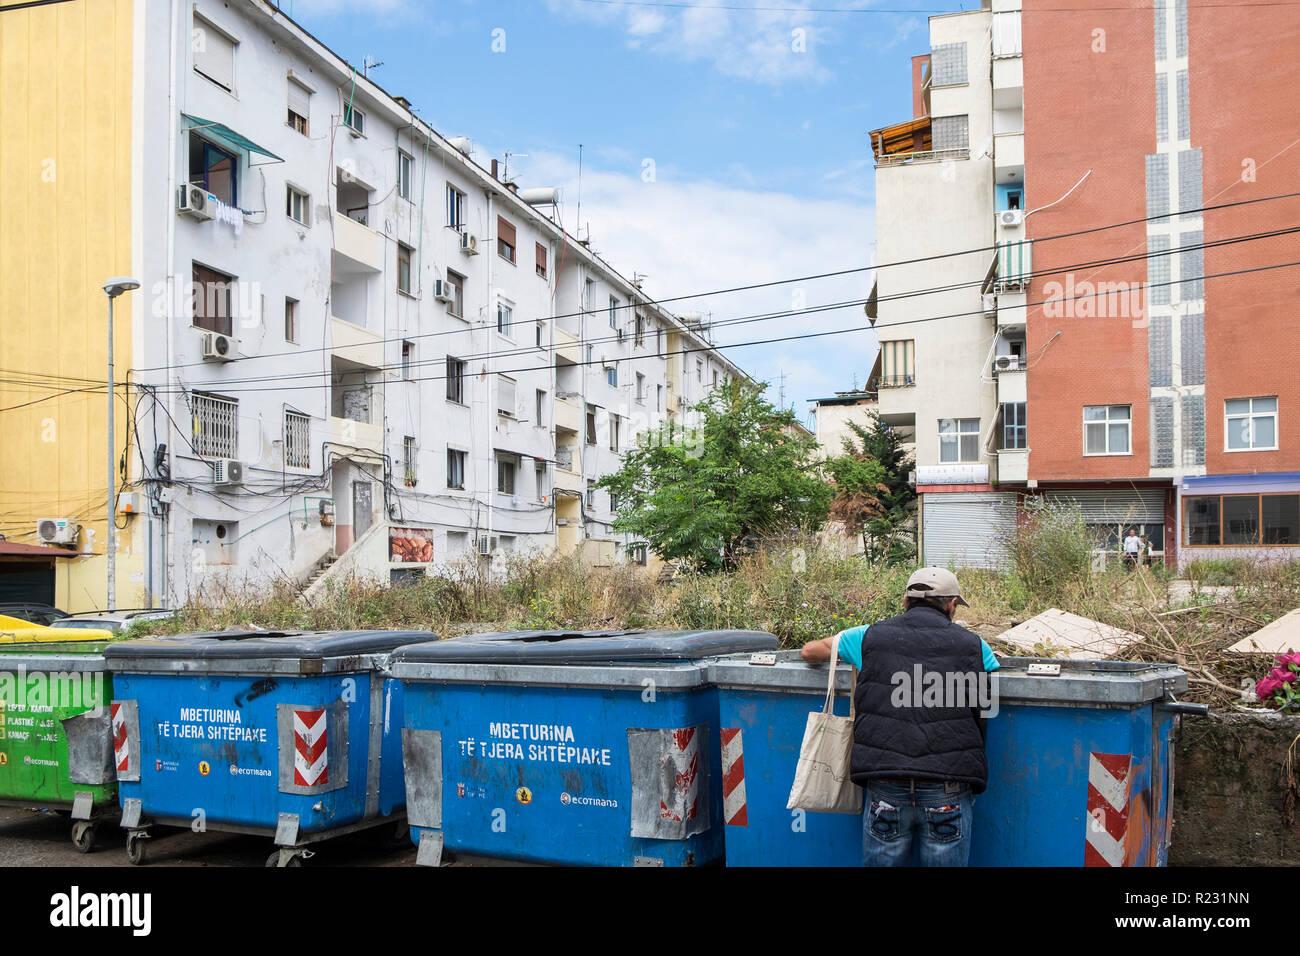 Albania, Tirana, public housing - Stock Image